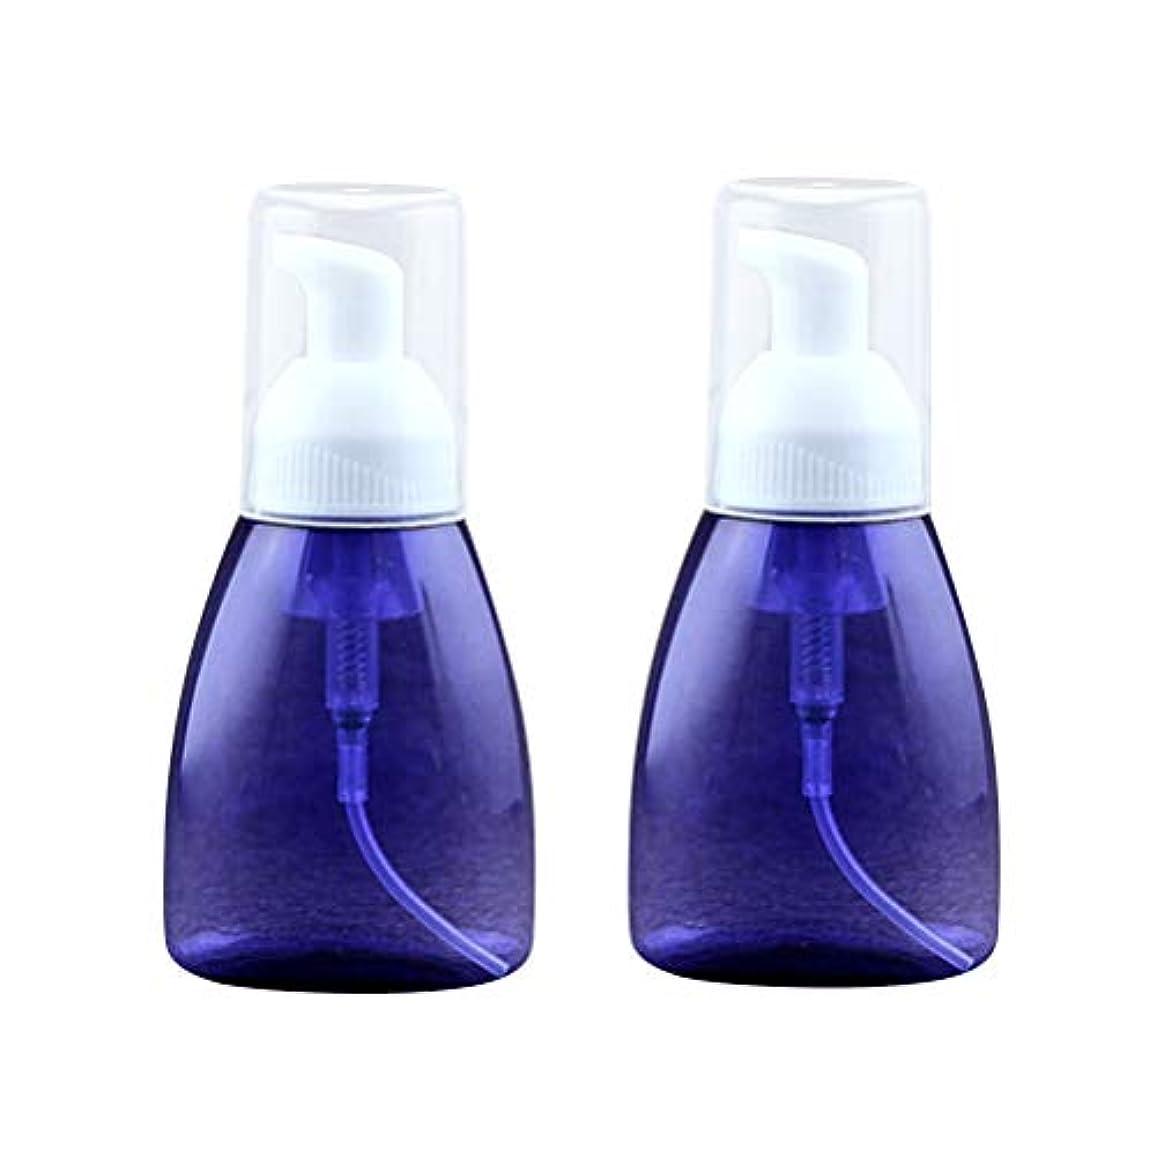 ビリー活性化印象派SUPVOX 2本発泡ソープディスペンサー詰め替え式プラスチックローションボトル泡ハンドポンプ空のボトル容器クリアトラベルトイレタリーボトル用液体シャンプー80ml(ブルー)